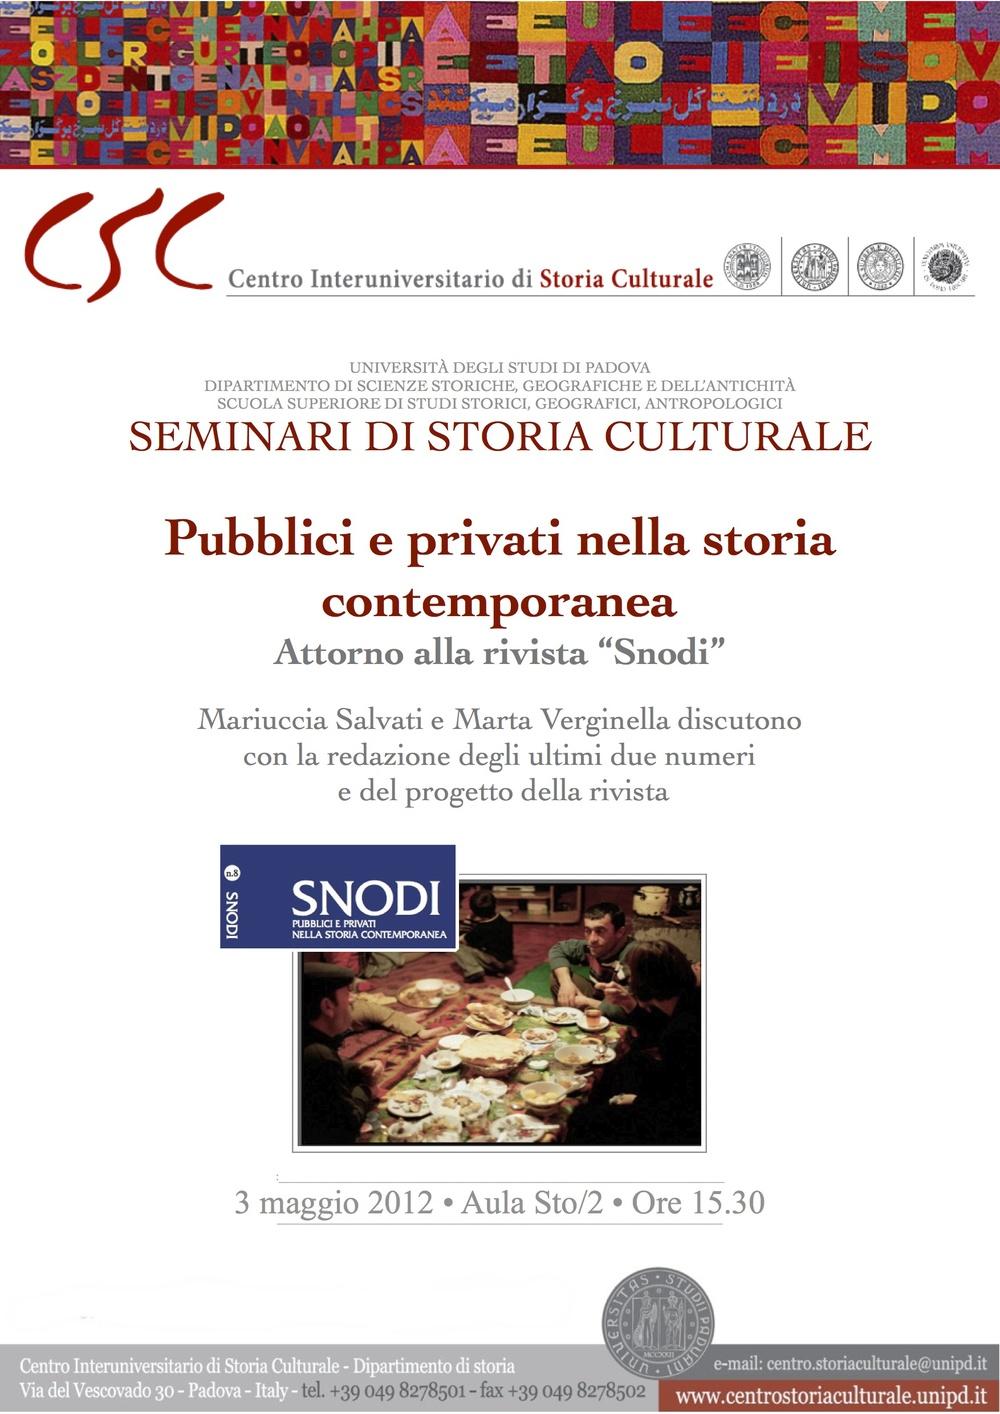 2012-05 (PD) Pubblici e privati nella storia contemporanea.jpg